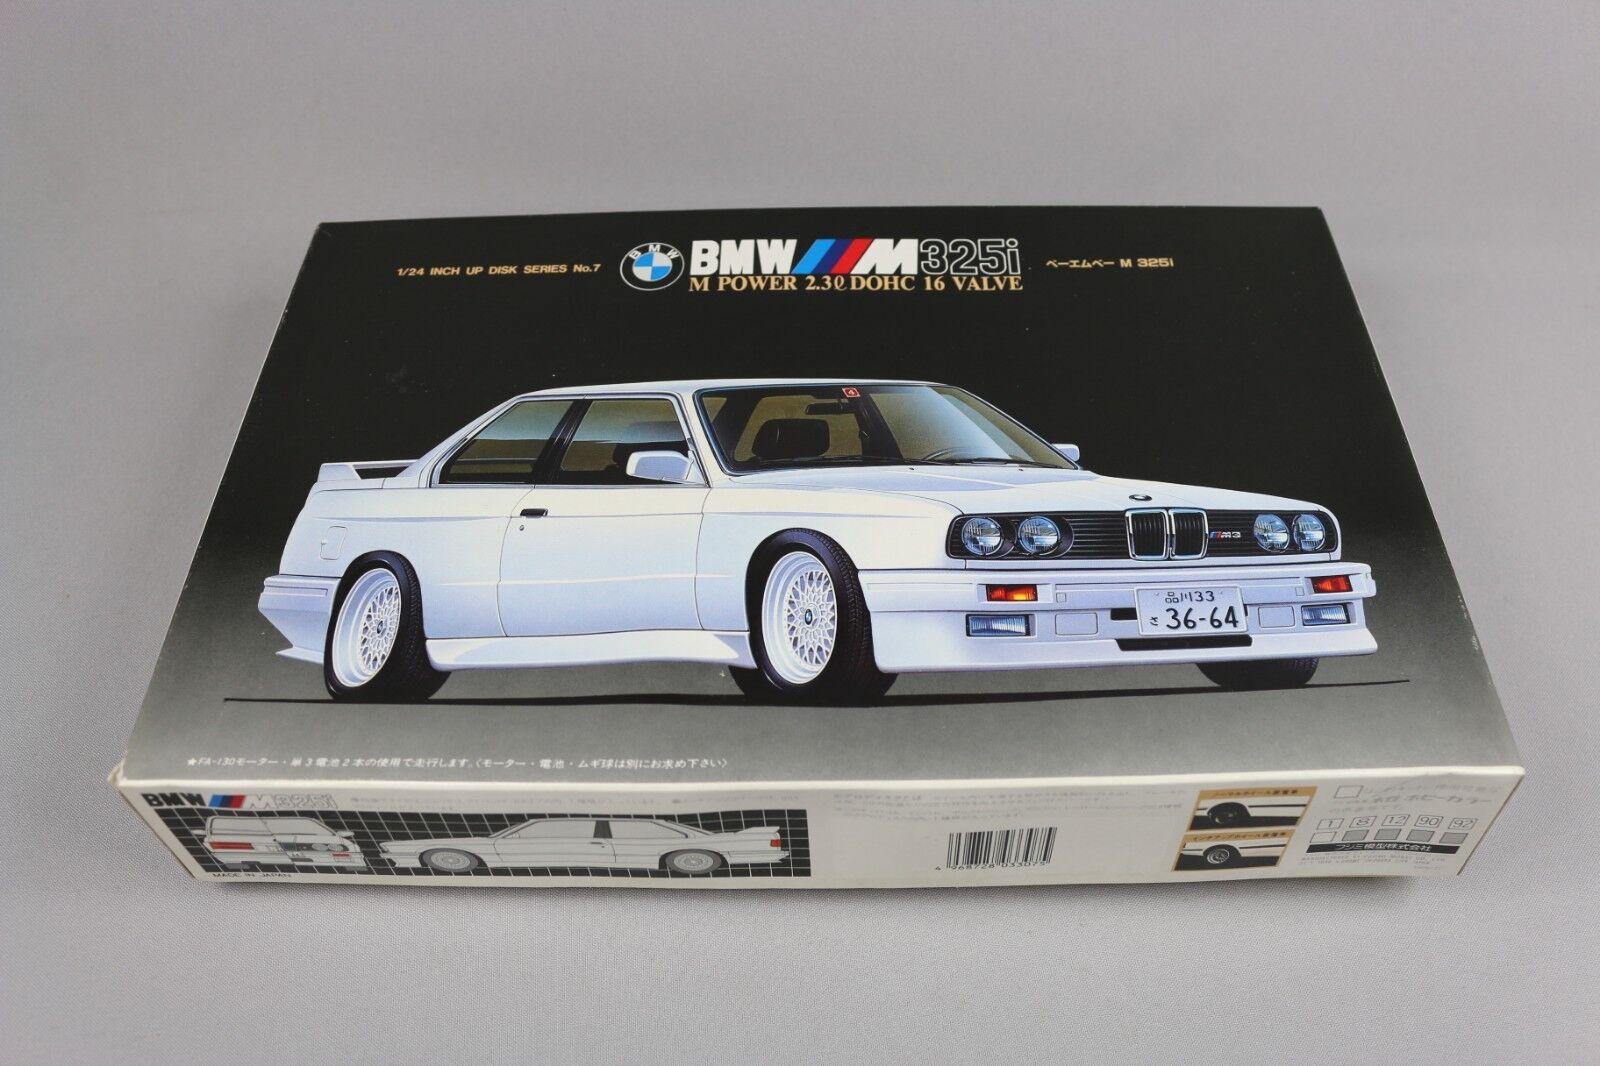 Zf1279 Fujimi 1 24 Maqueta Coche 03307-1000 BMW M325i M Power 2.3L Dohc 16v